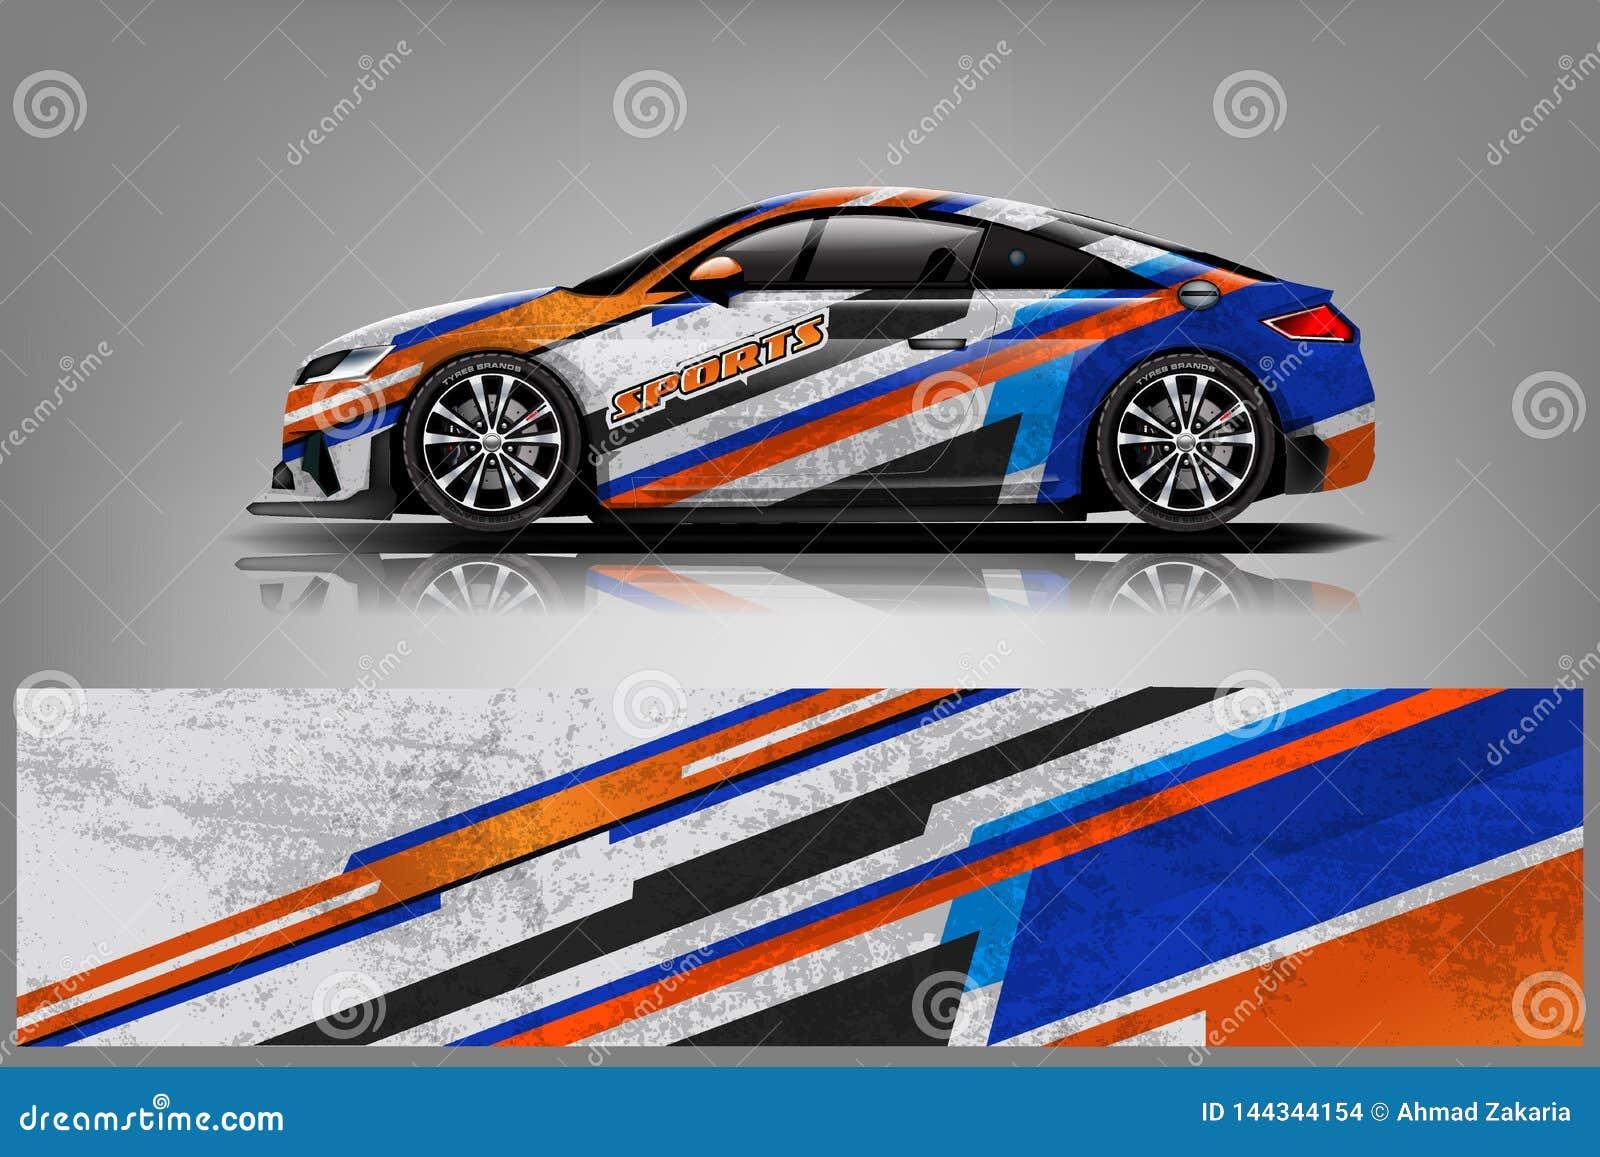 Vektor för design för bildekalsjal Det grafiska abstrakta bandet som springer bakgrundssatsdesigner för medlet, racerbil, samlar,